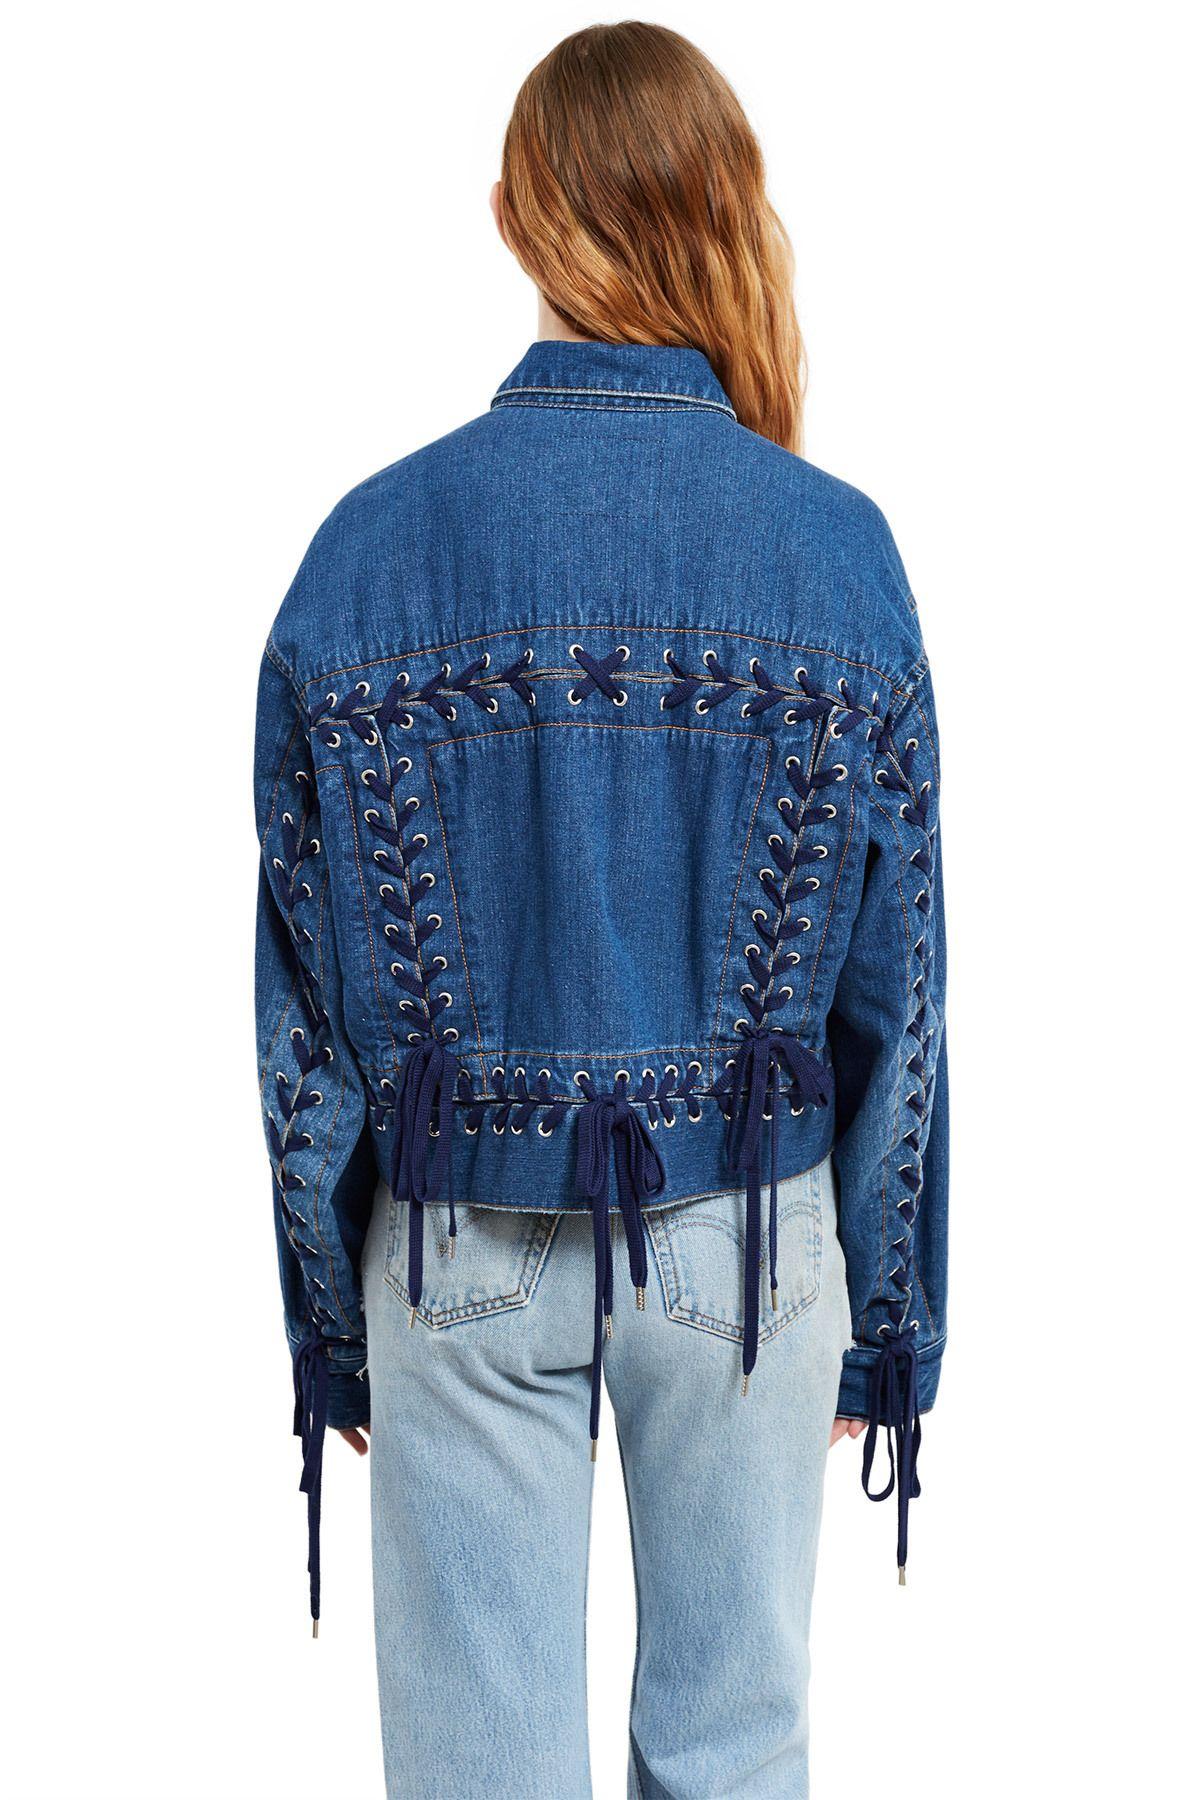 b9198fb988ba G.V.G.V., Denim Lace-Up Jacket This oversized denim jacket sports  G.V.G.V.'s signature